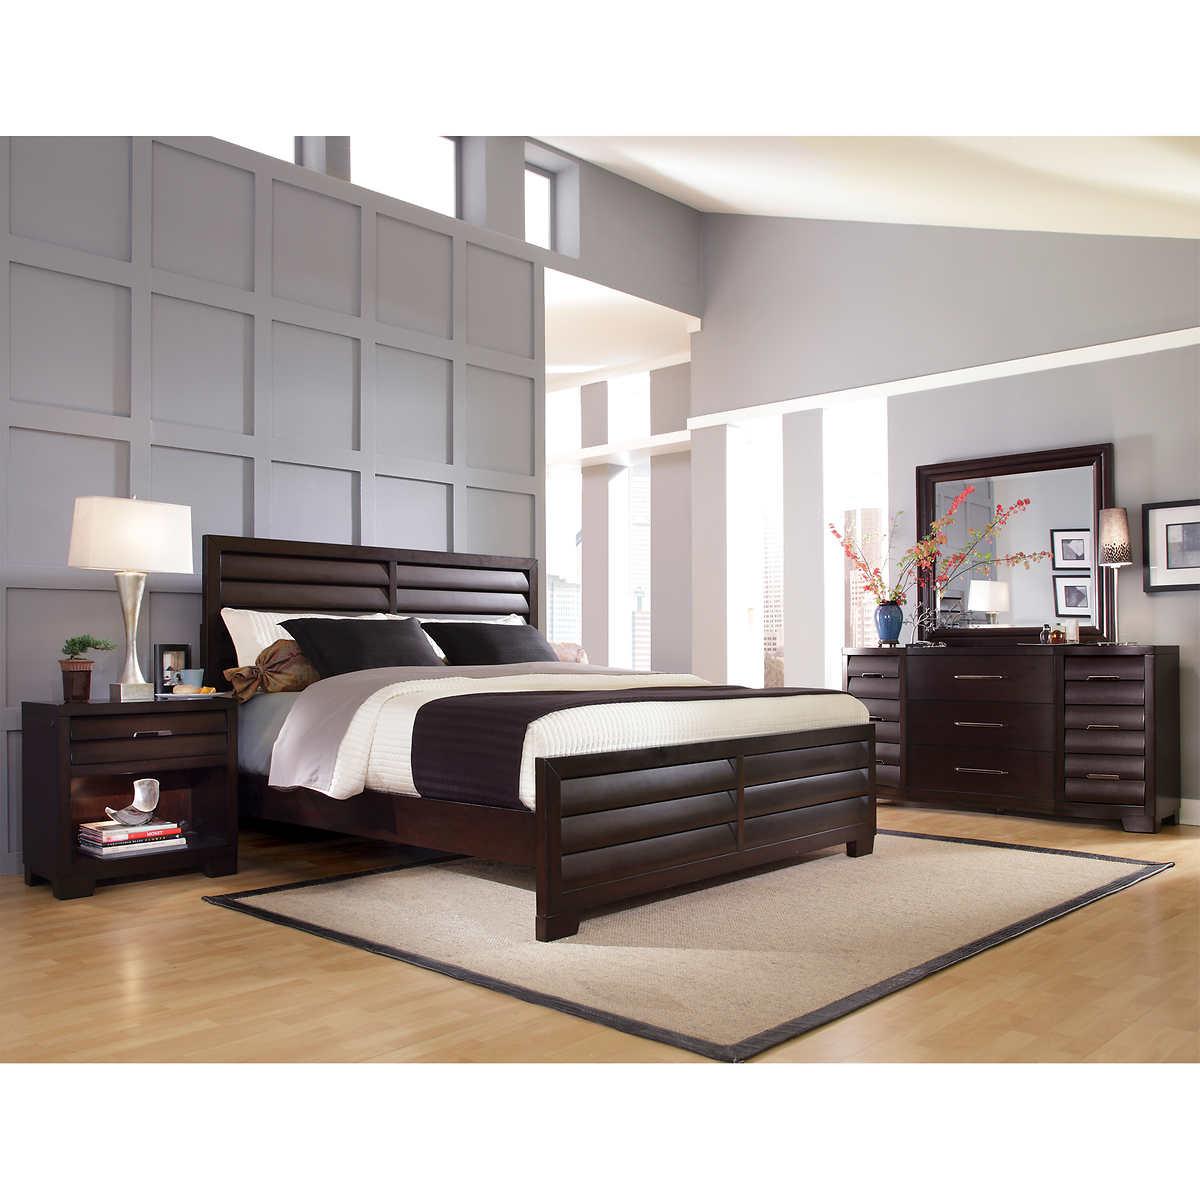 Ashbury 5 Piece Queen Bedroom Set